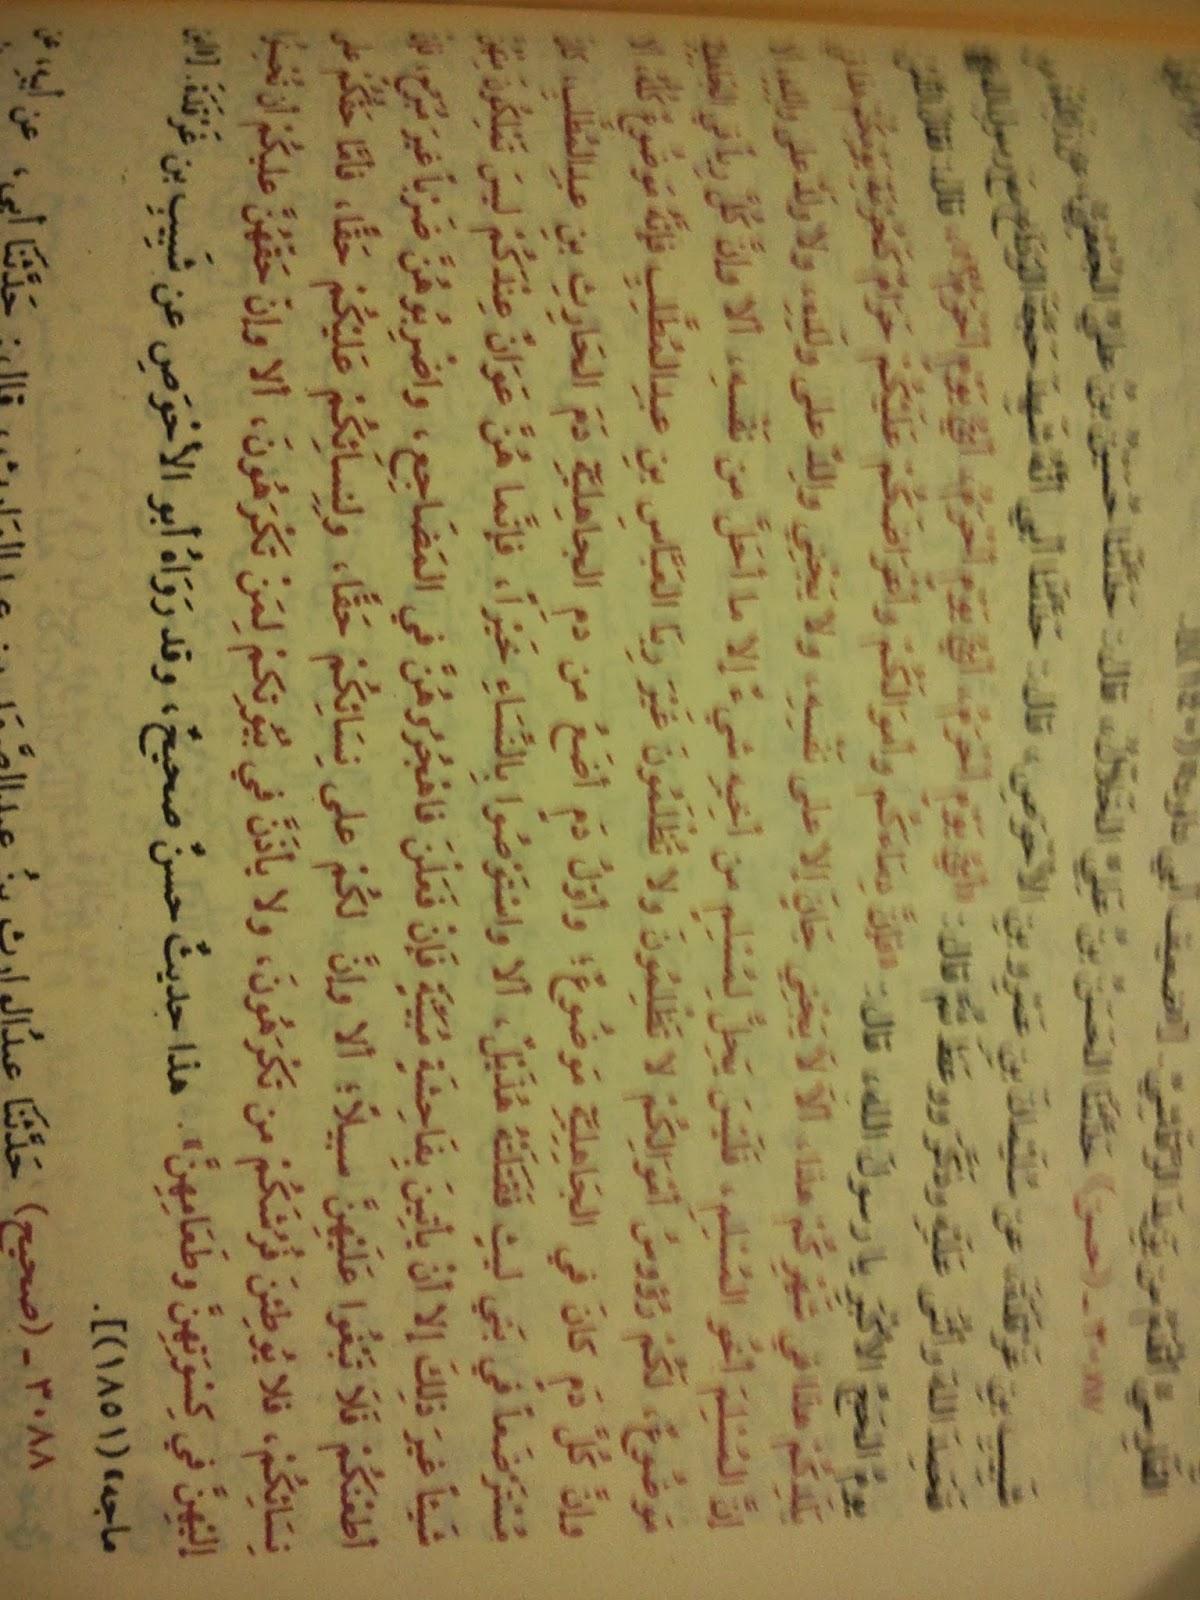 Refuting faith freedom quran errors grading altavistaventures Choice Image